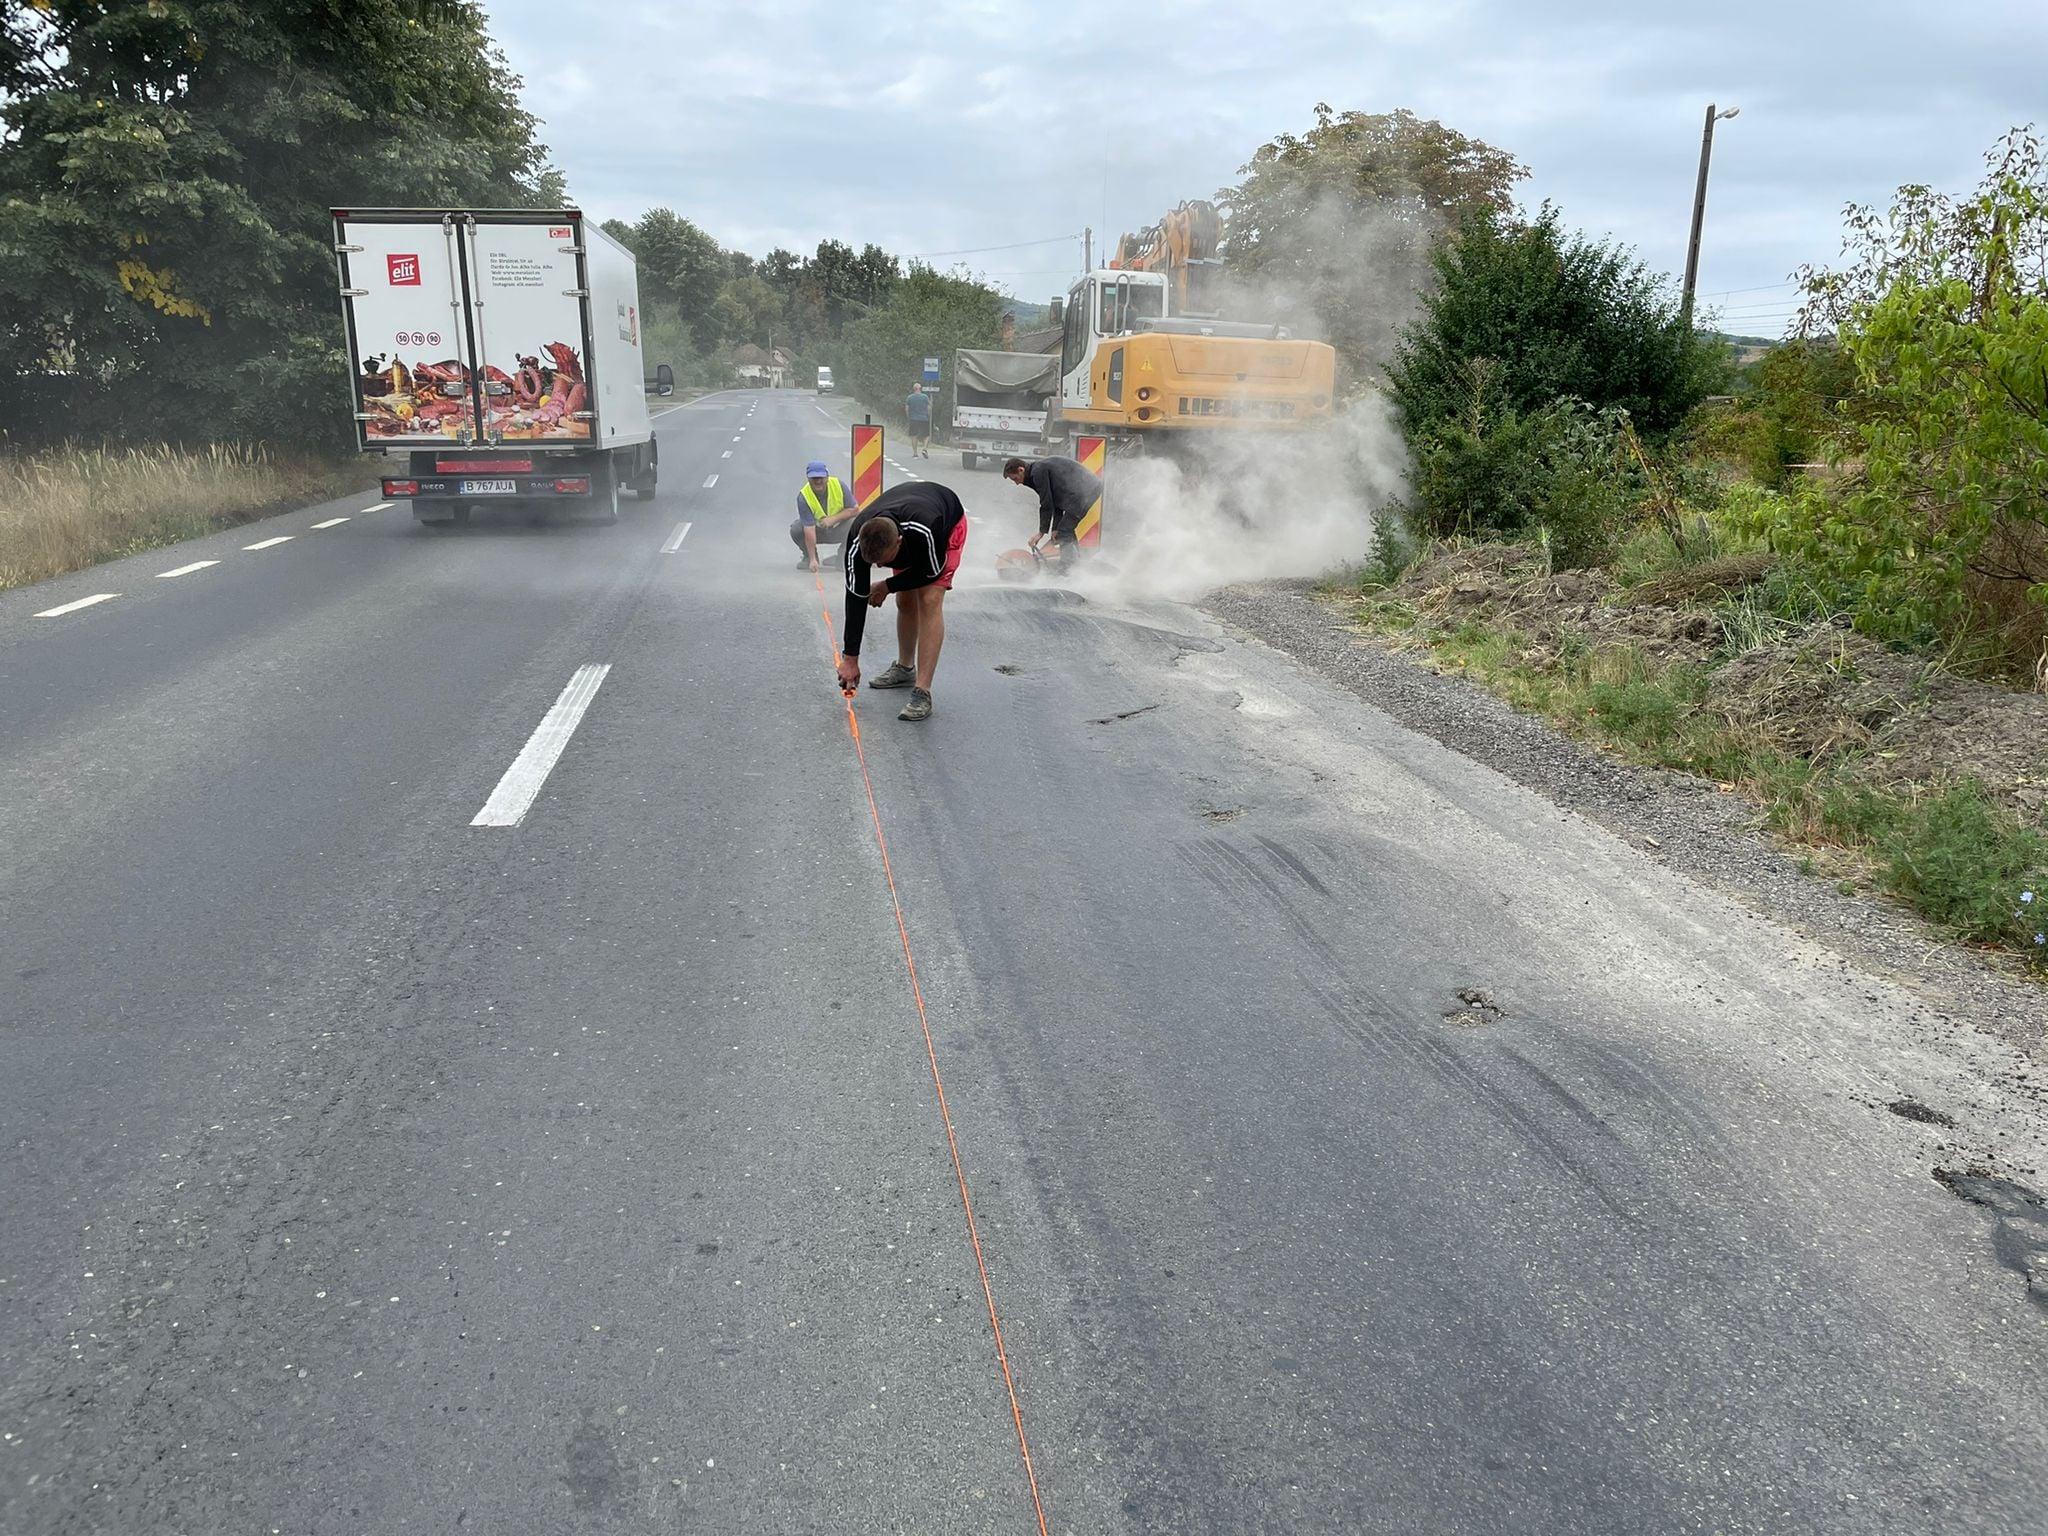 Lucrări de reparații pe DN 7, între Zam și Ilia. Există restricții de viteză